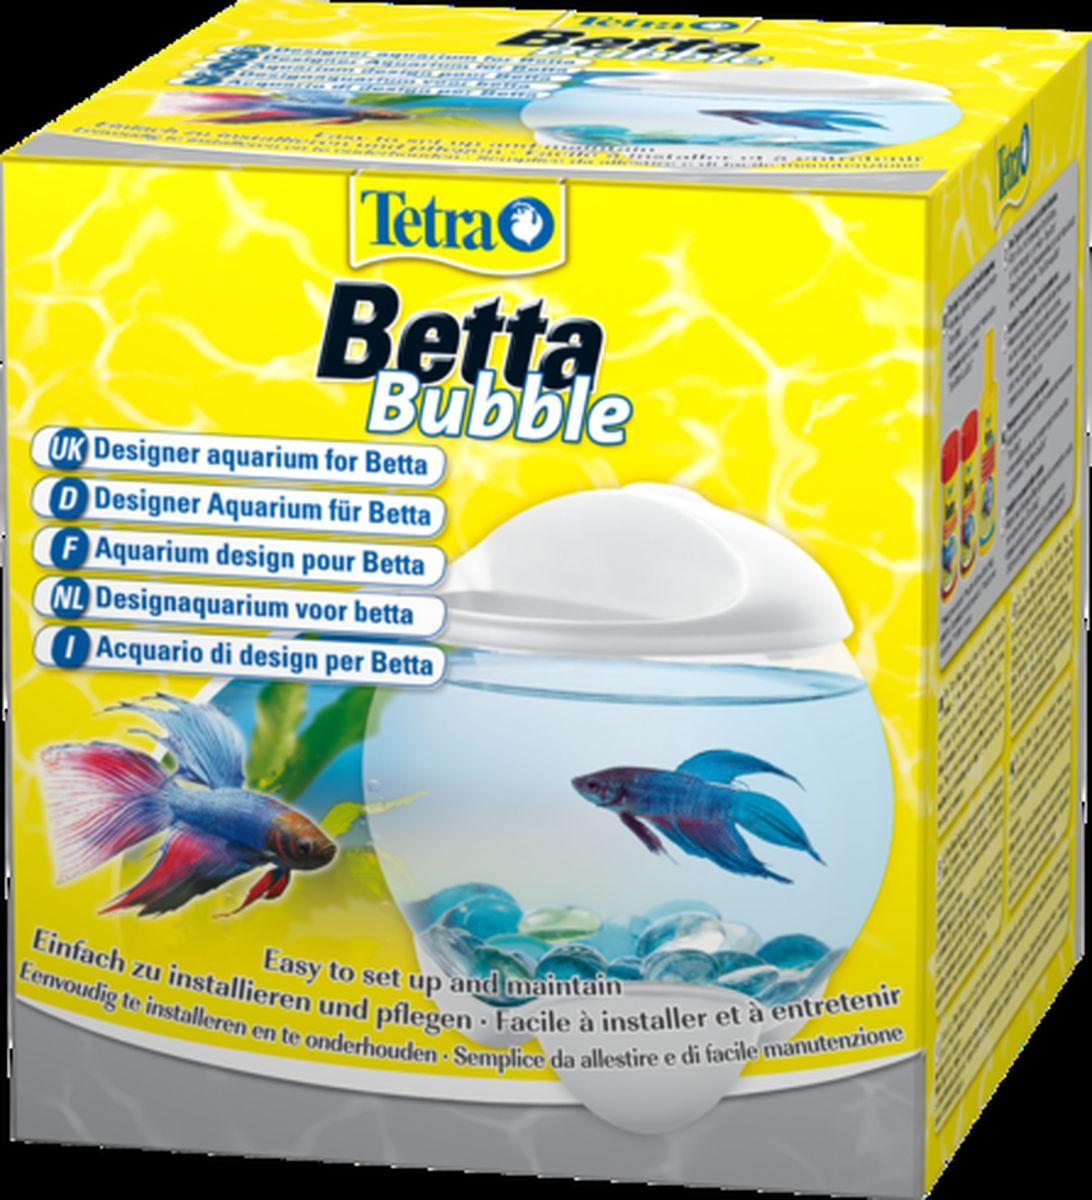 Аквариум-шар для петушков Tetra Betta Bubble с освещением, цвет: белый, 1,8 л206724Дизайнерский аквариум на батарейках со светодиодным освещением, предназначенный для бойцовых рыб. Простая установка и техническое обслуживание. Эффективное и долговечное светодиодное освещение. Кнопка включения и выключения для легкого использования. Работает от батареек - для большей безопасности. Удобное отверстие для кормления. Объем: 1,8 л. Гарантия 2 года (не распространяется на освещение).